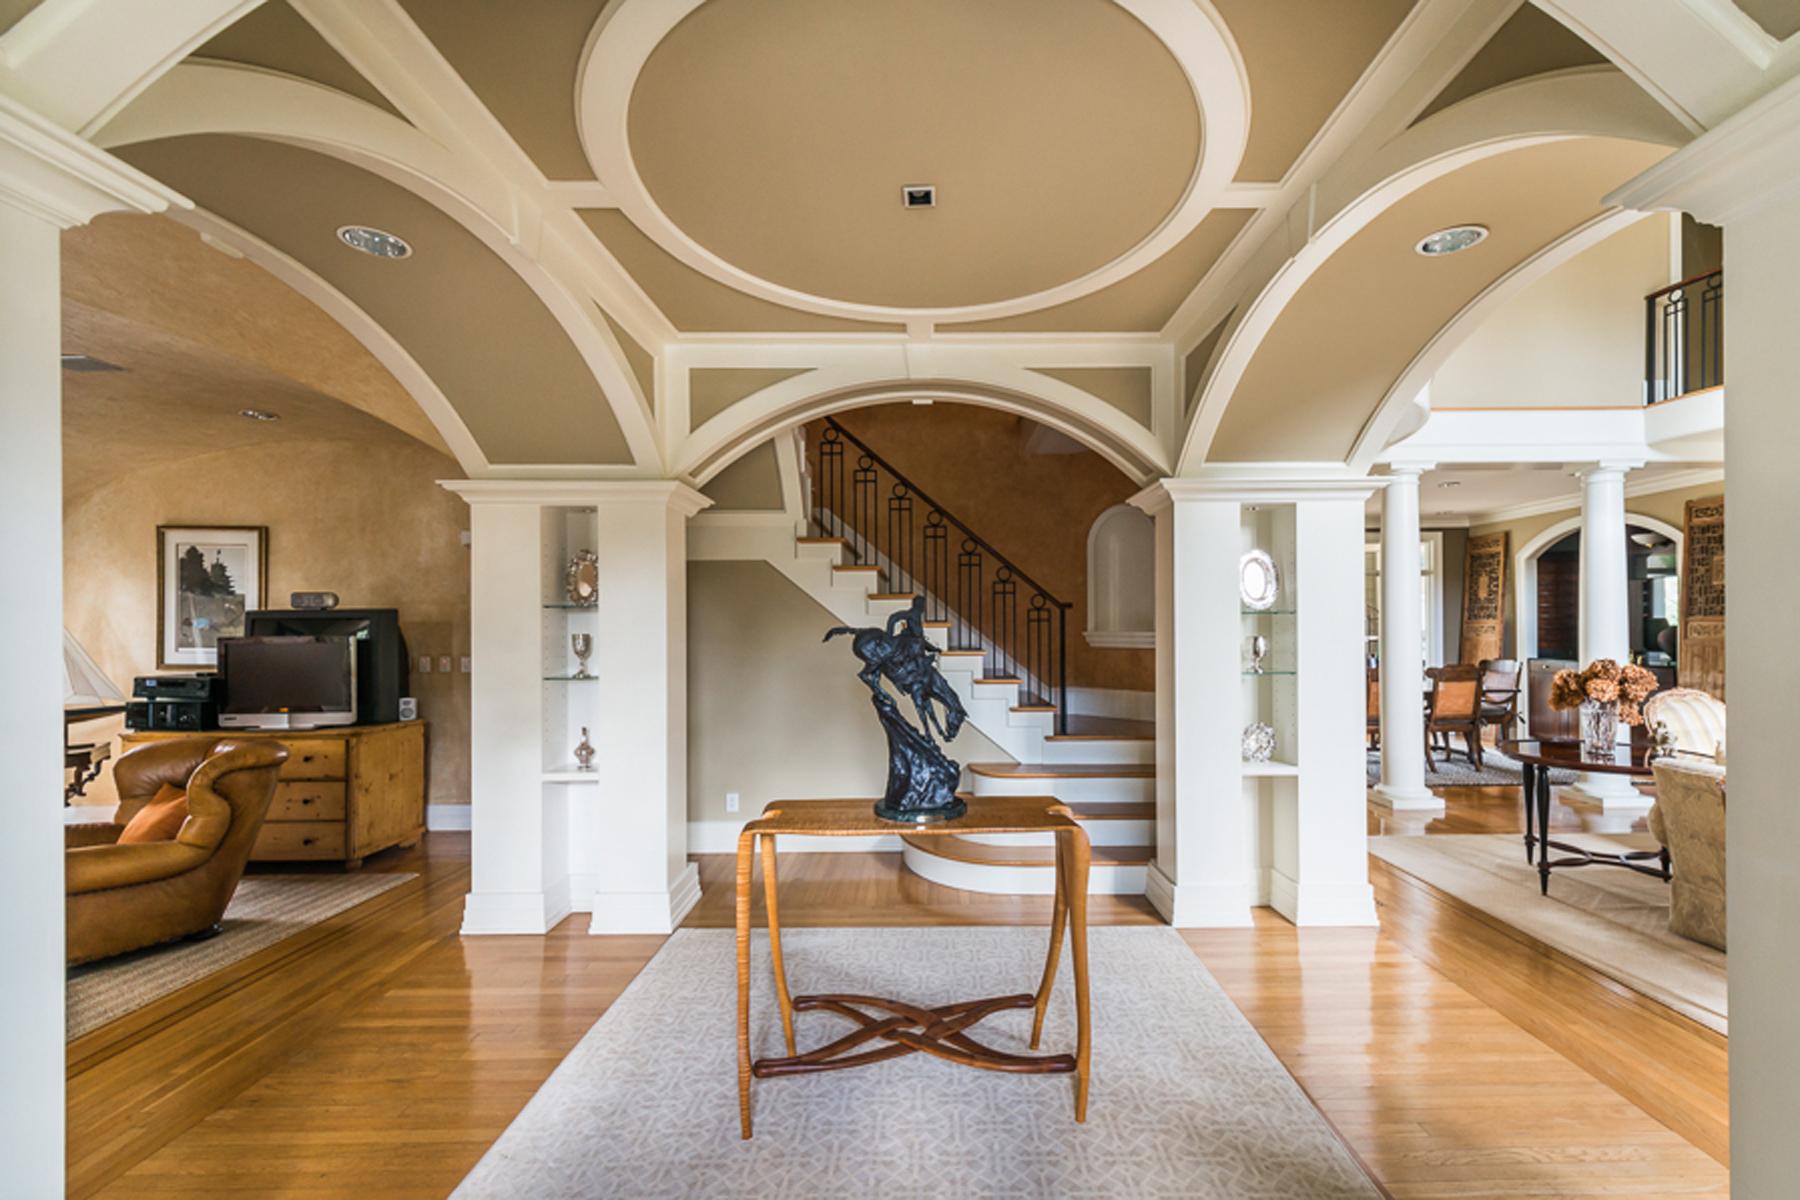 Maison unifamiliale pour l Vente à Wonderful House With Open Living Spaces 30 Cherokee Road NW Buckhead, Atlanta, Georgia 30305 États-Unis